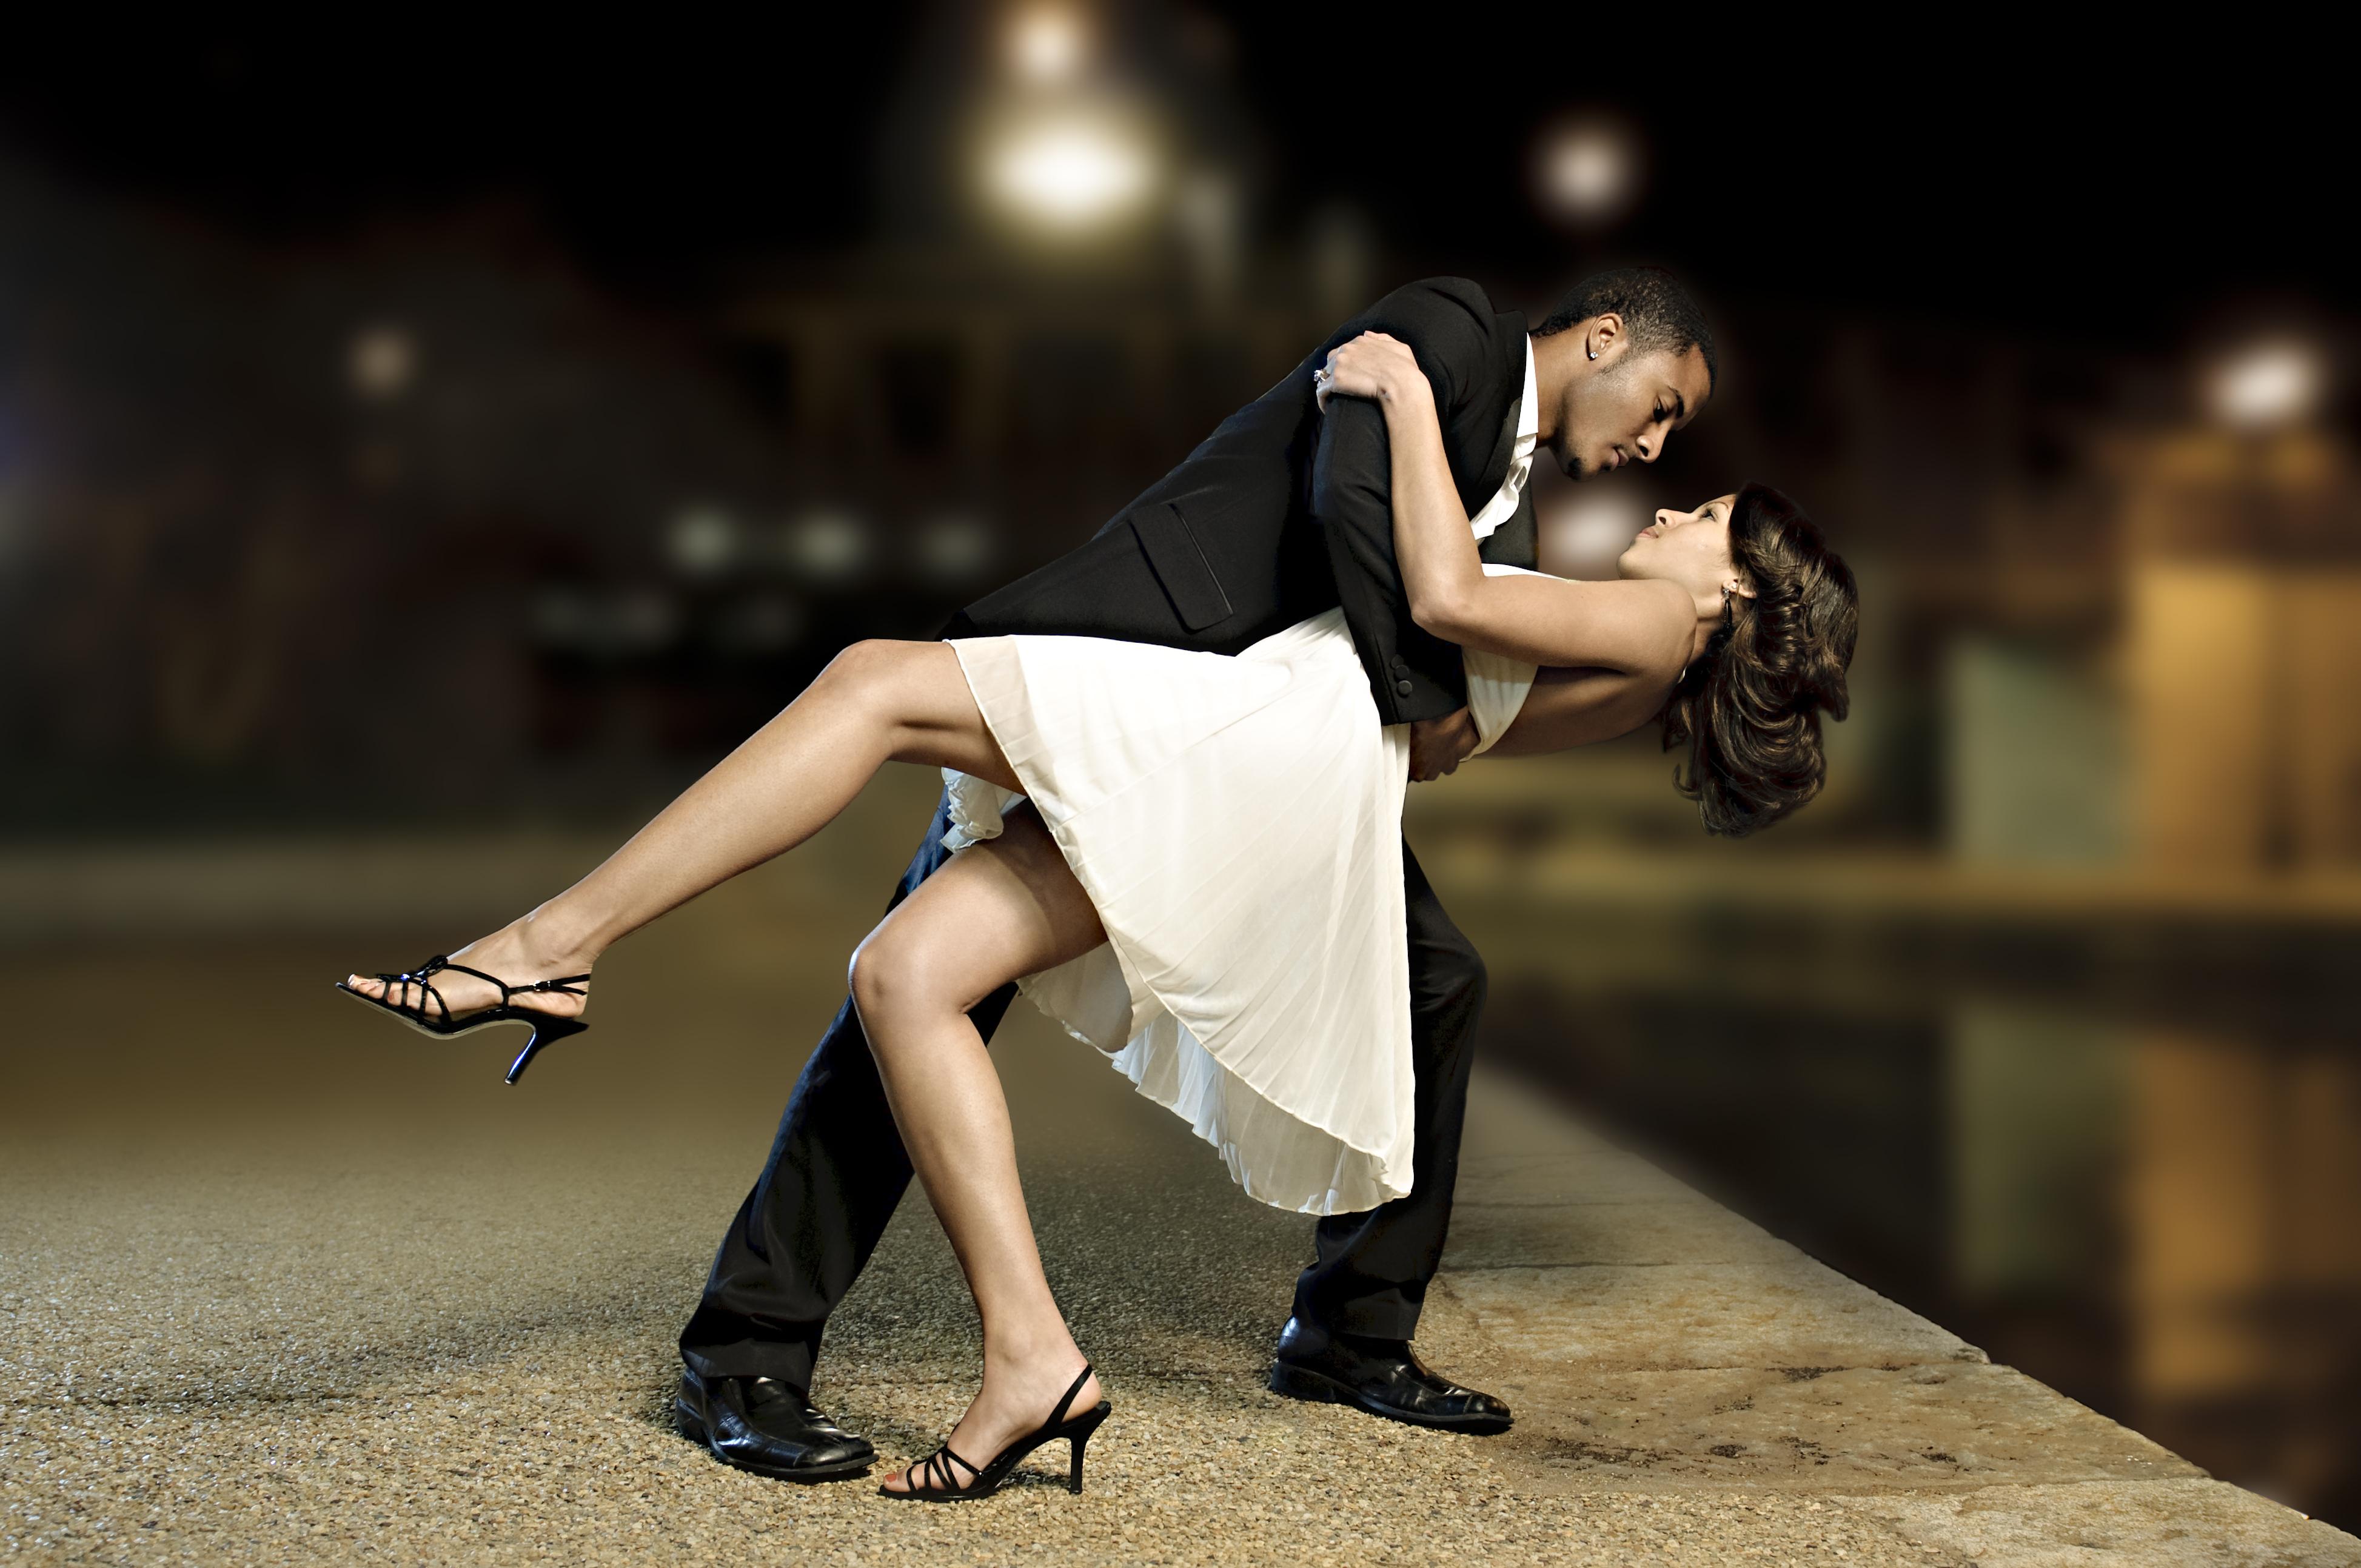 красивые картинки он и она в танце этом